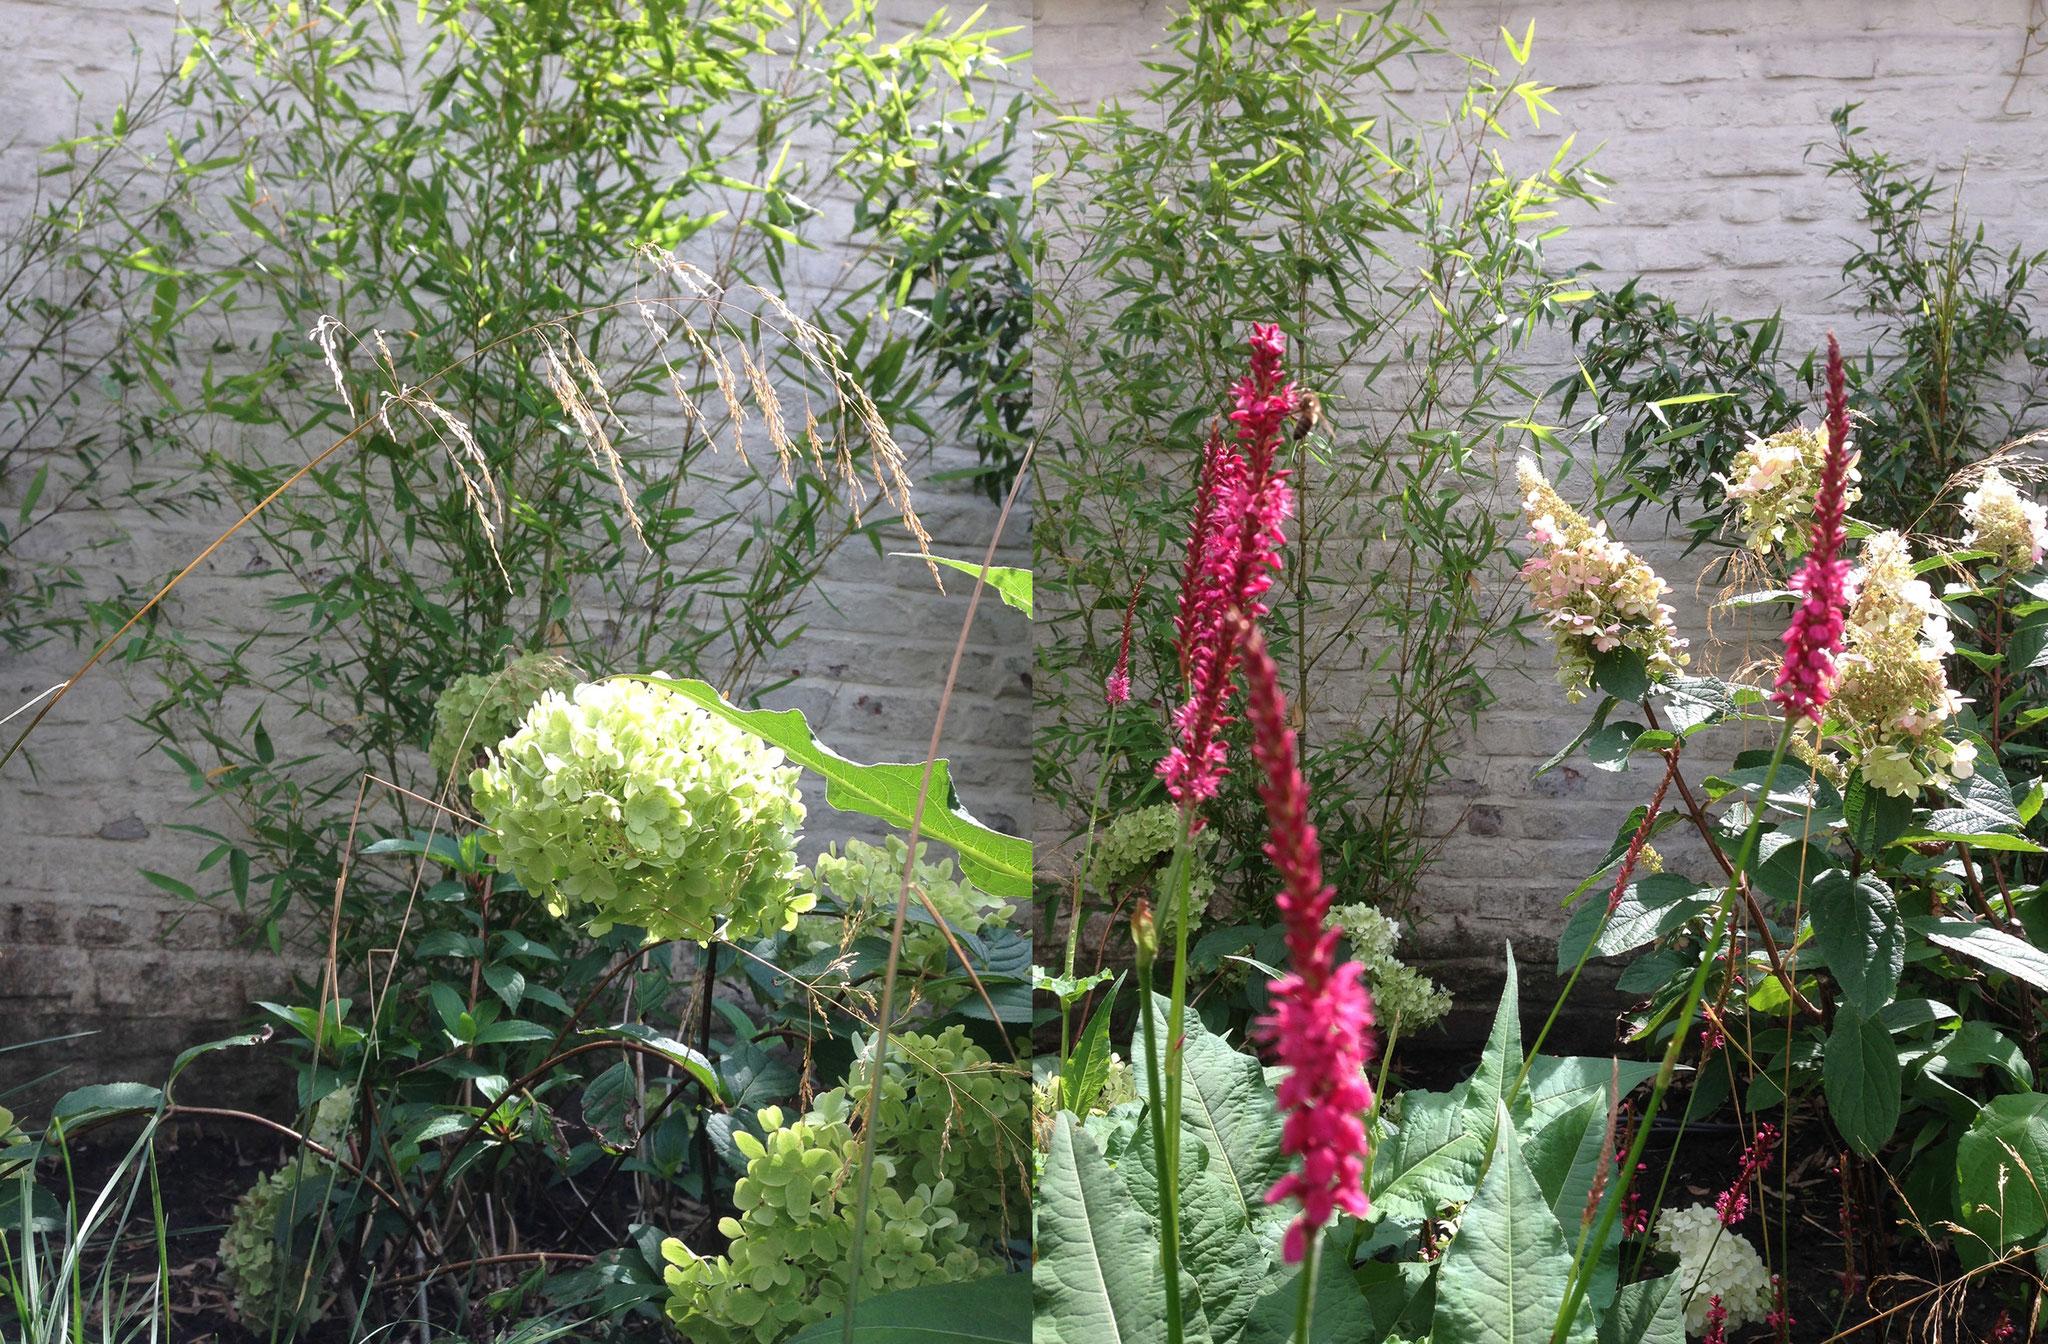 Jardin de ville 120m2 - Jardin de chambres - Détail végétal/ Eté 2016. Amenagement jardin Bruxelles